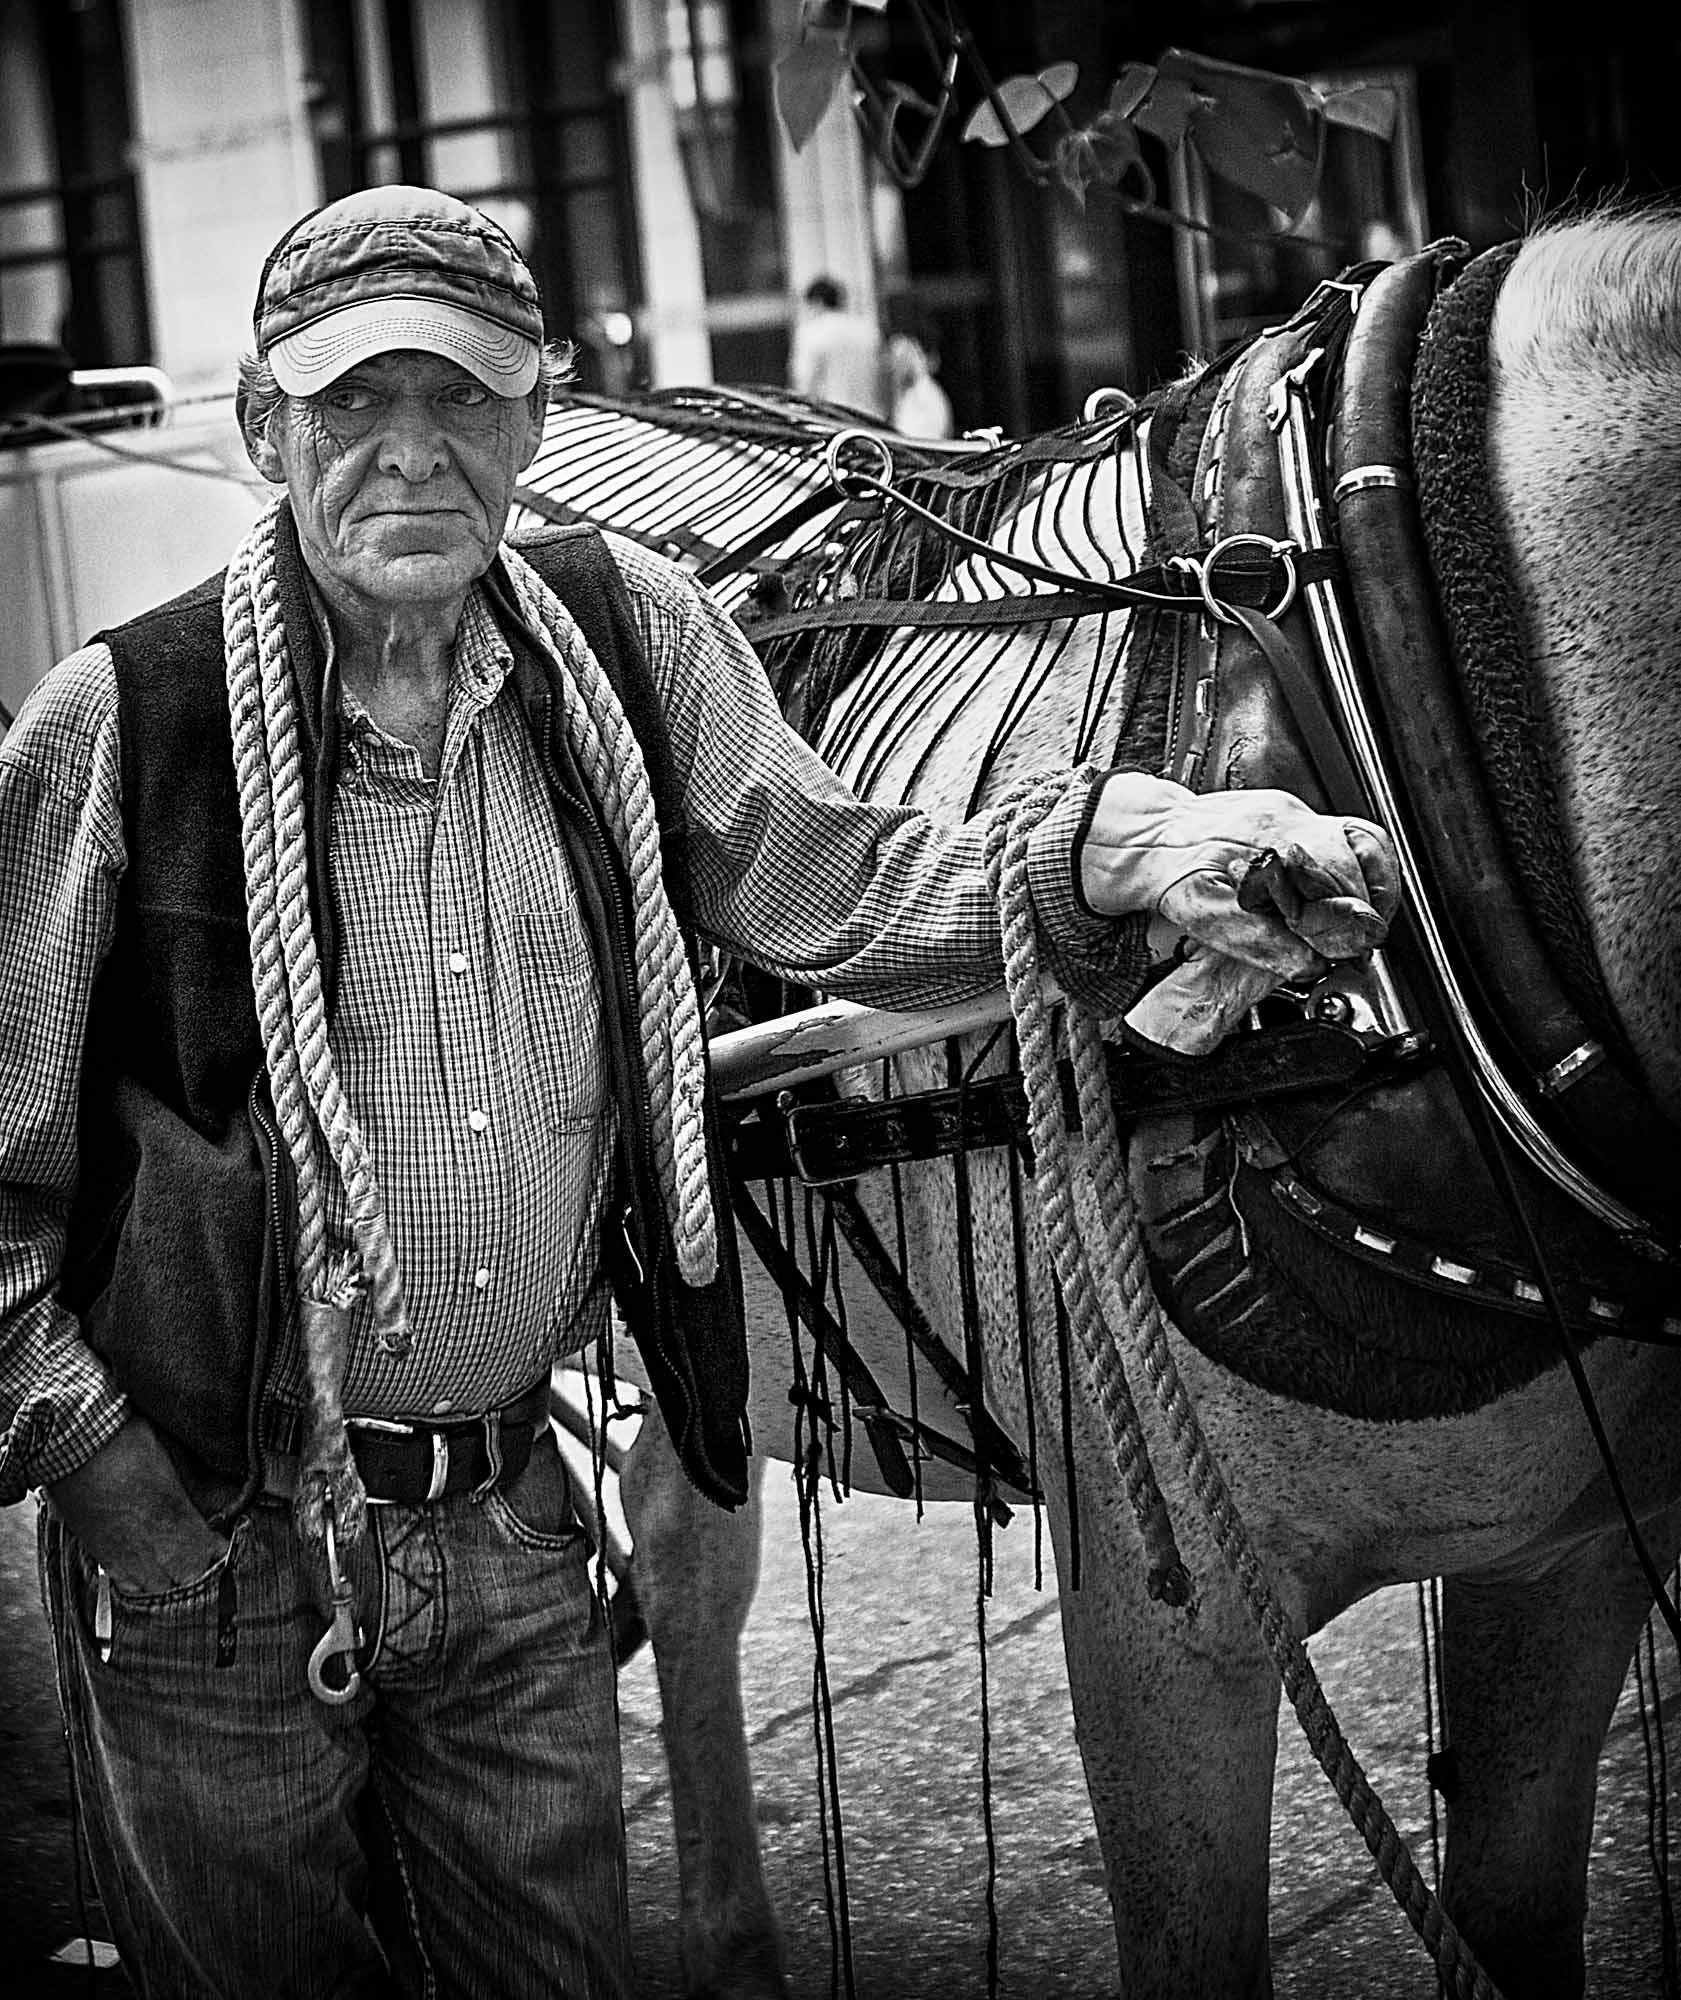 Urban_Cowboy (2).jpg